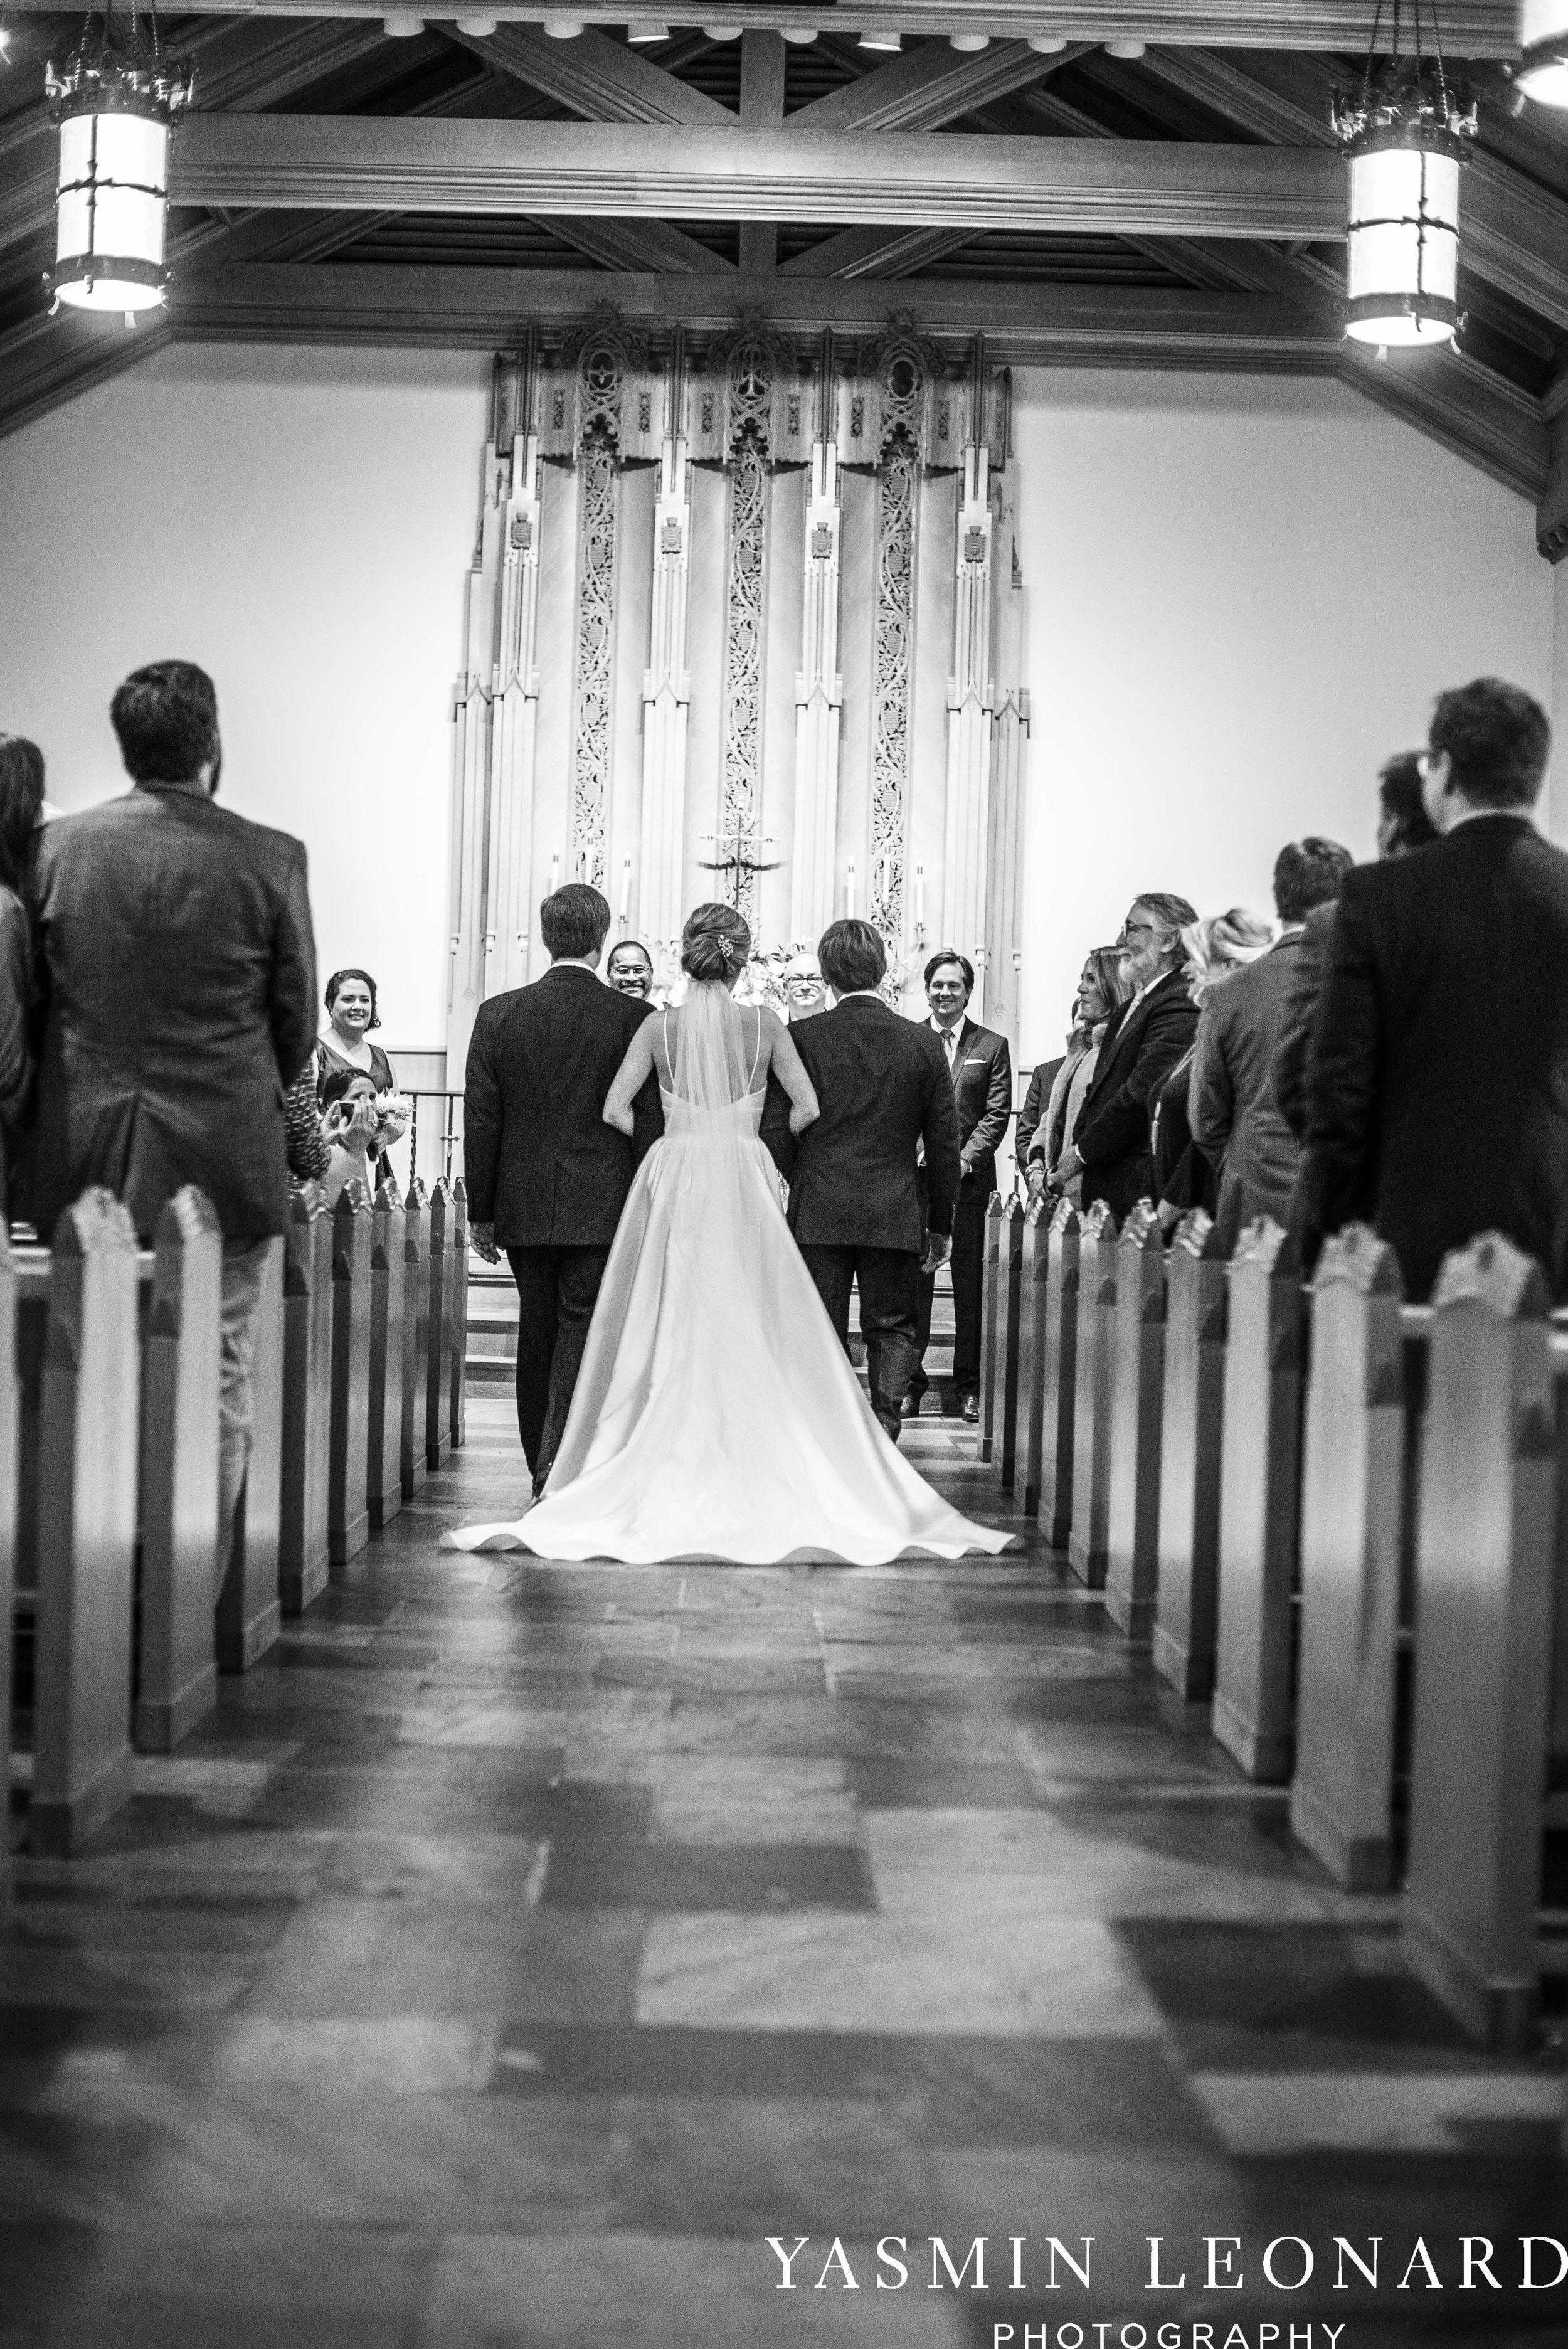 Wesley Memorial United Methodist Church - EmeryWood - High Point Weddings - High Point Wedding Photographer - NC Wedding Photographer - Yasmin Leonard Photography-19.jpg